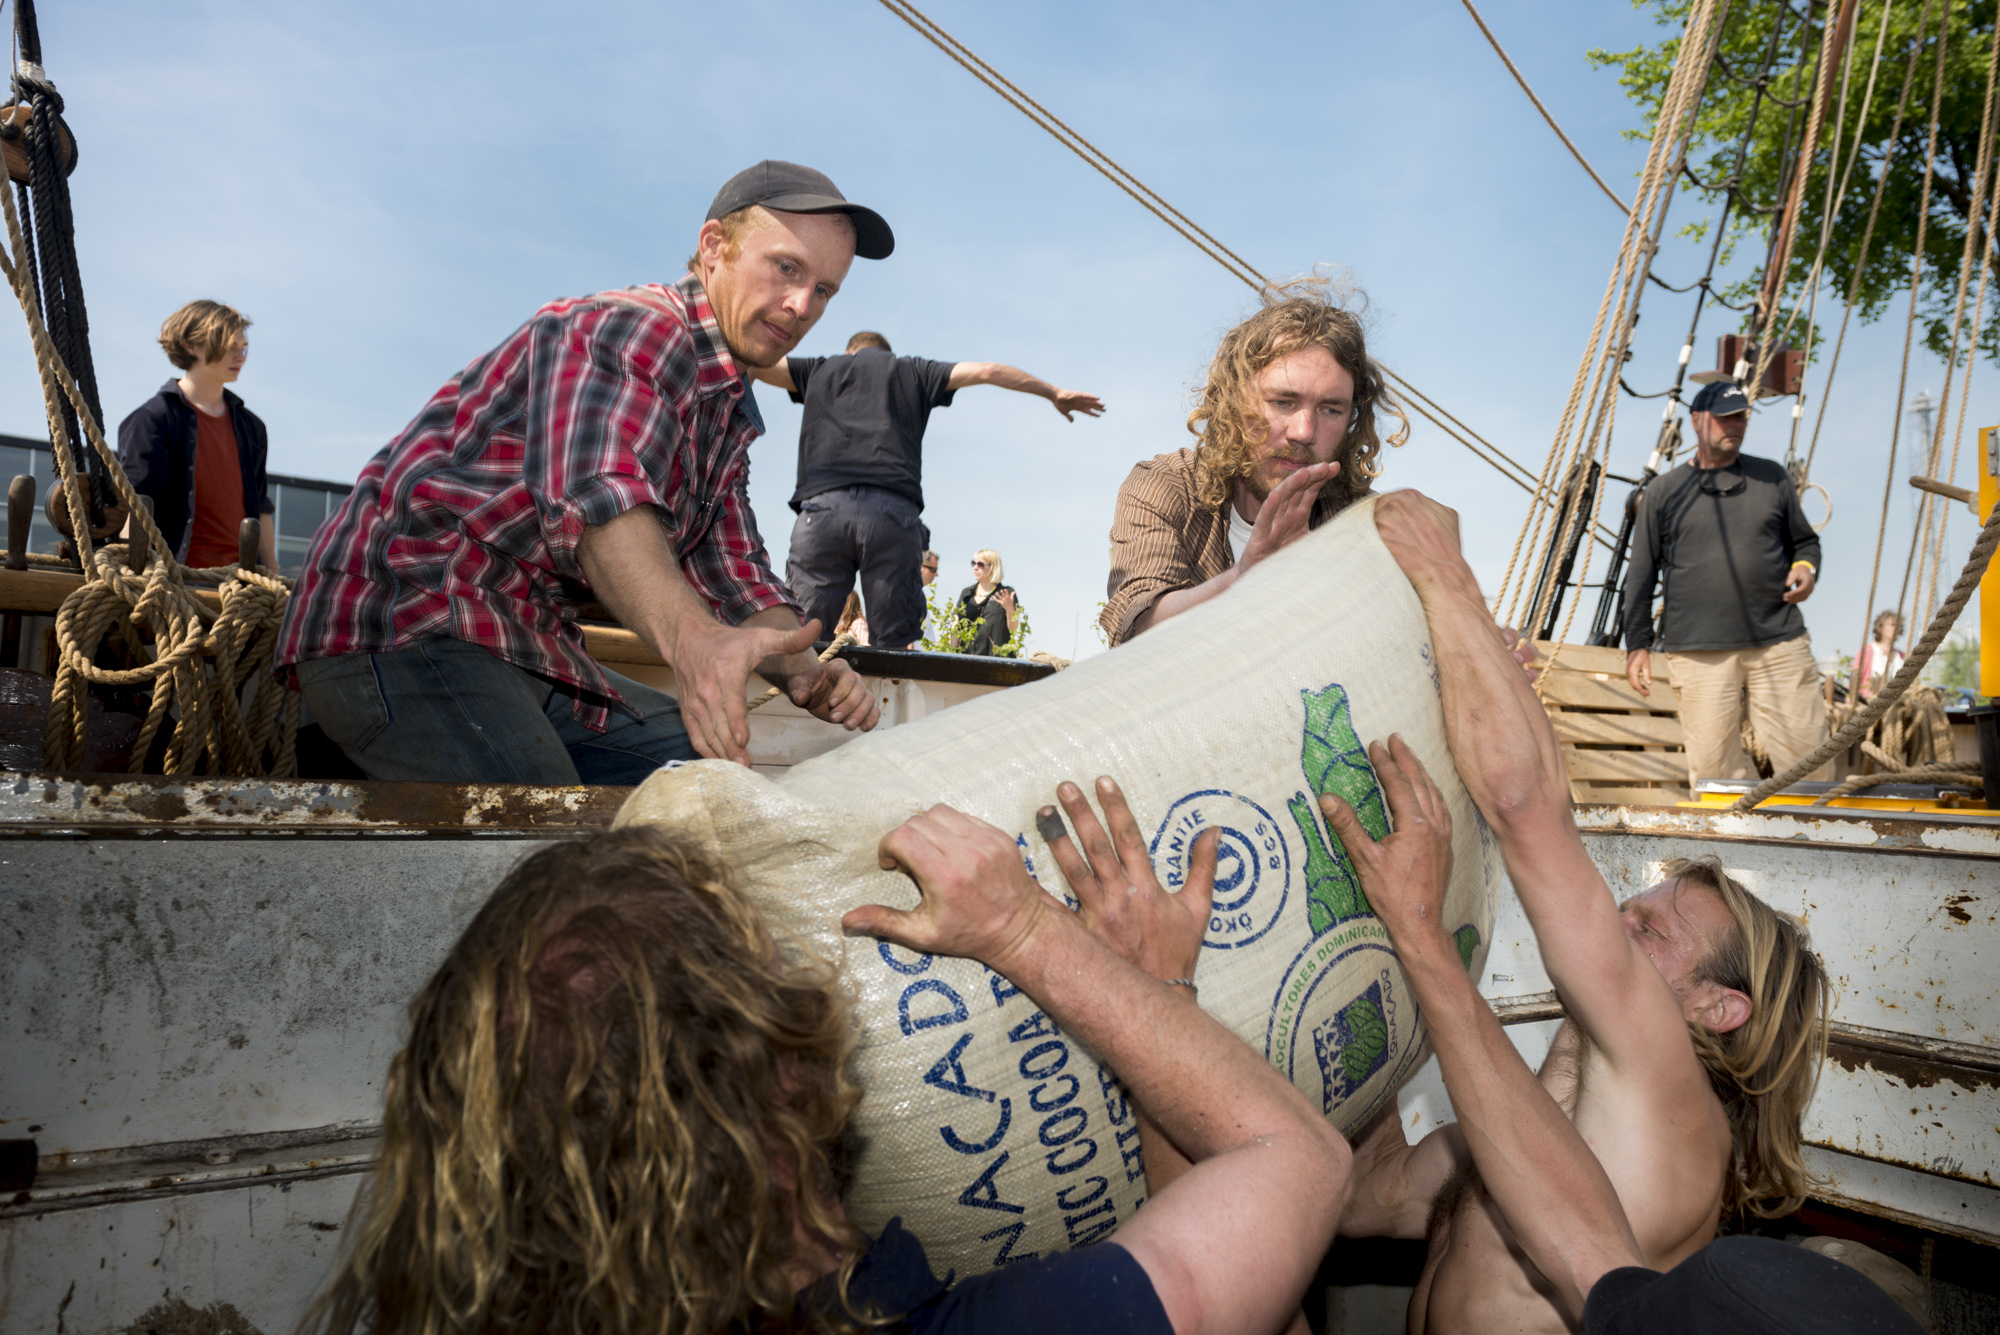 Tres Hombres zeilschip wordt uitgeladen door Jorne Langelaan en companen